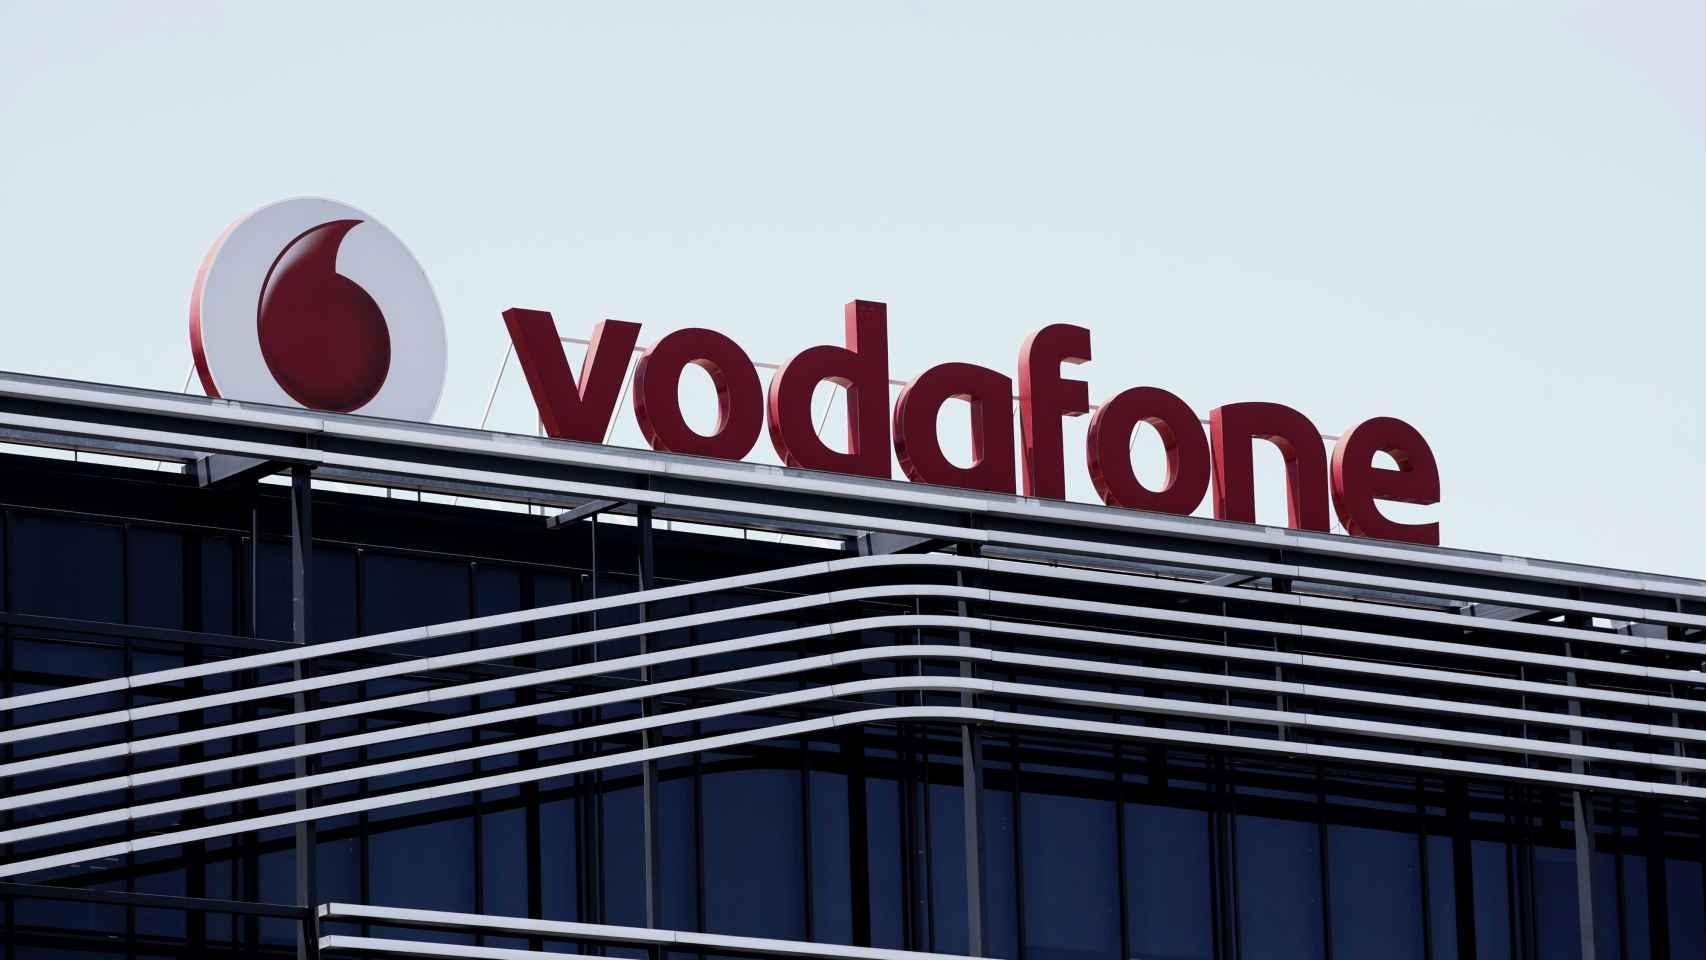 Vodafone adquirió el porcentaje restante de la compañía en 2013.